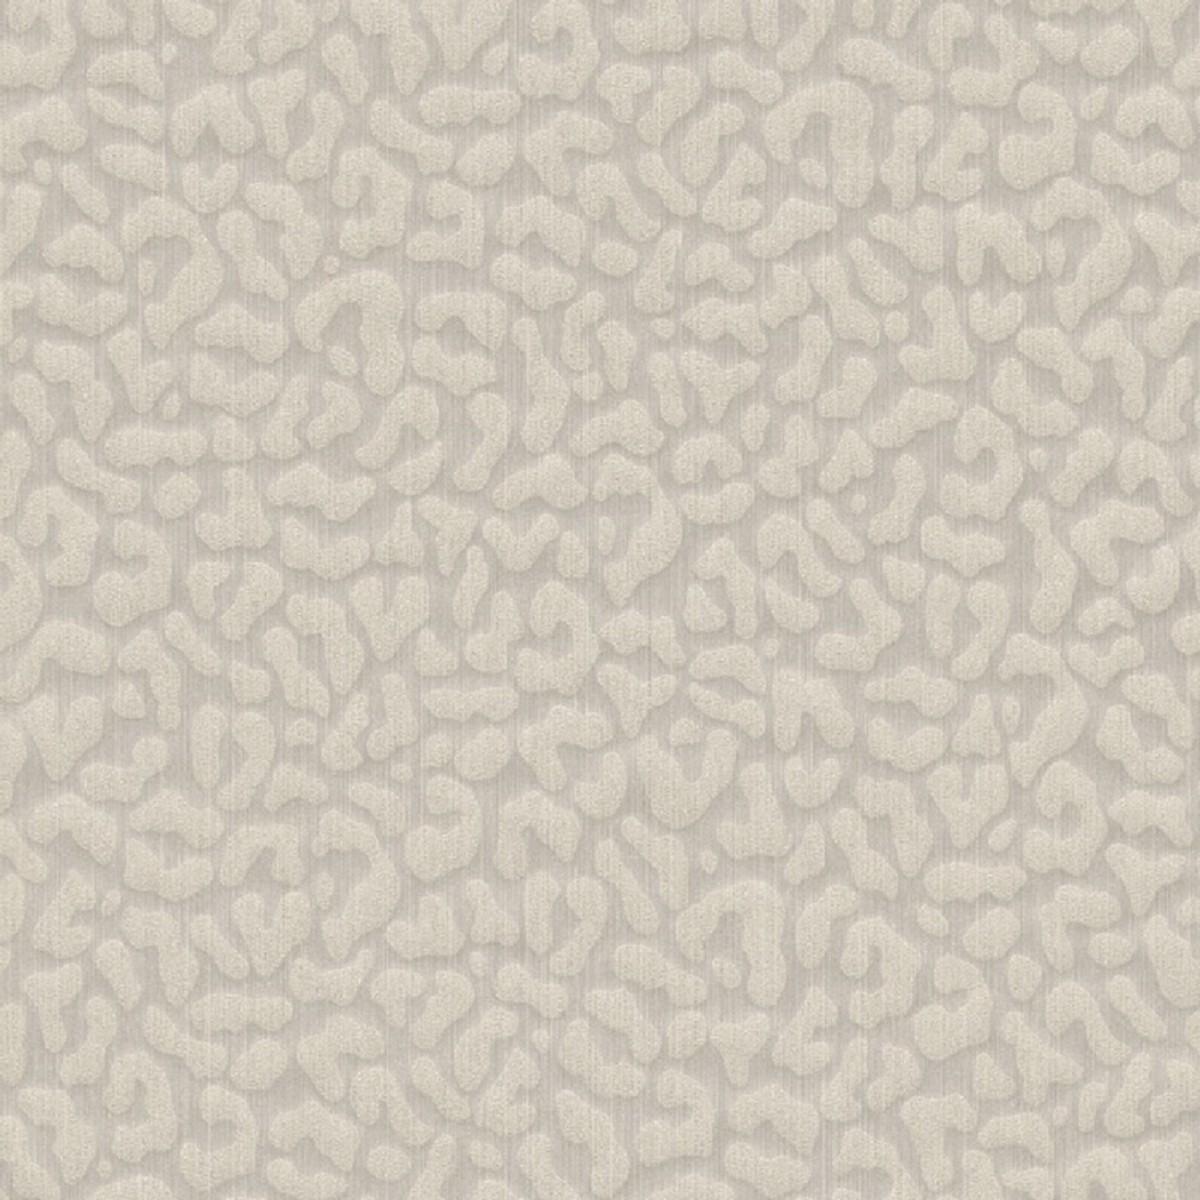 Full Size of Tapete Wohnzimmer Casa Padrino Barock Textiltapete Beige Grau 10 Tapeten Für Die Küche Schrank Fototapete Stehlampe Liege Poster Led Beleuchtung Dekoration Wohnzimmer Tapete Wohnzimmer